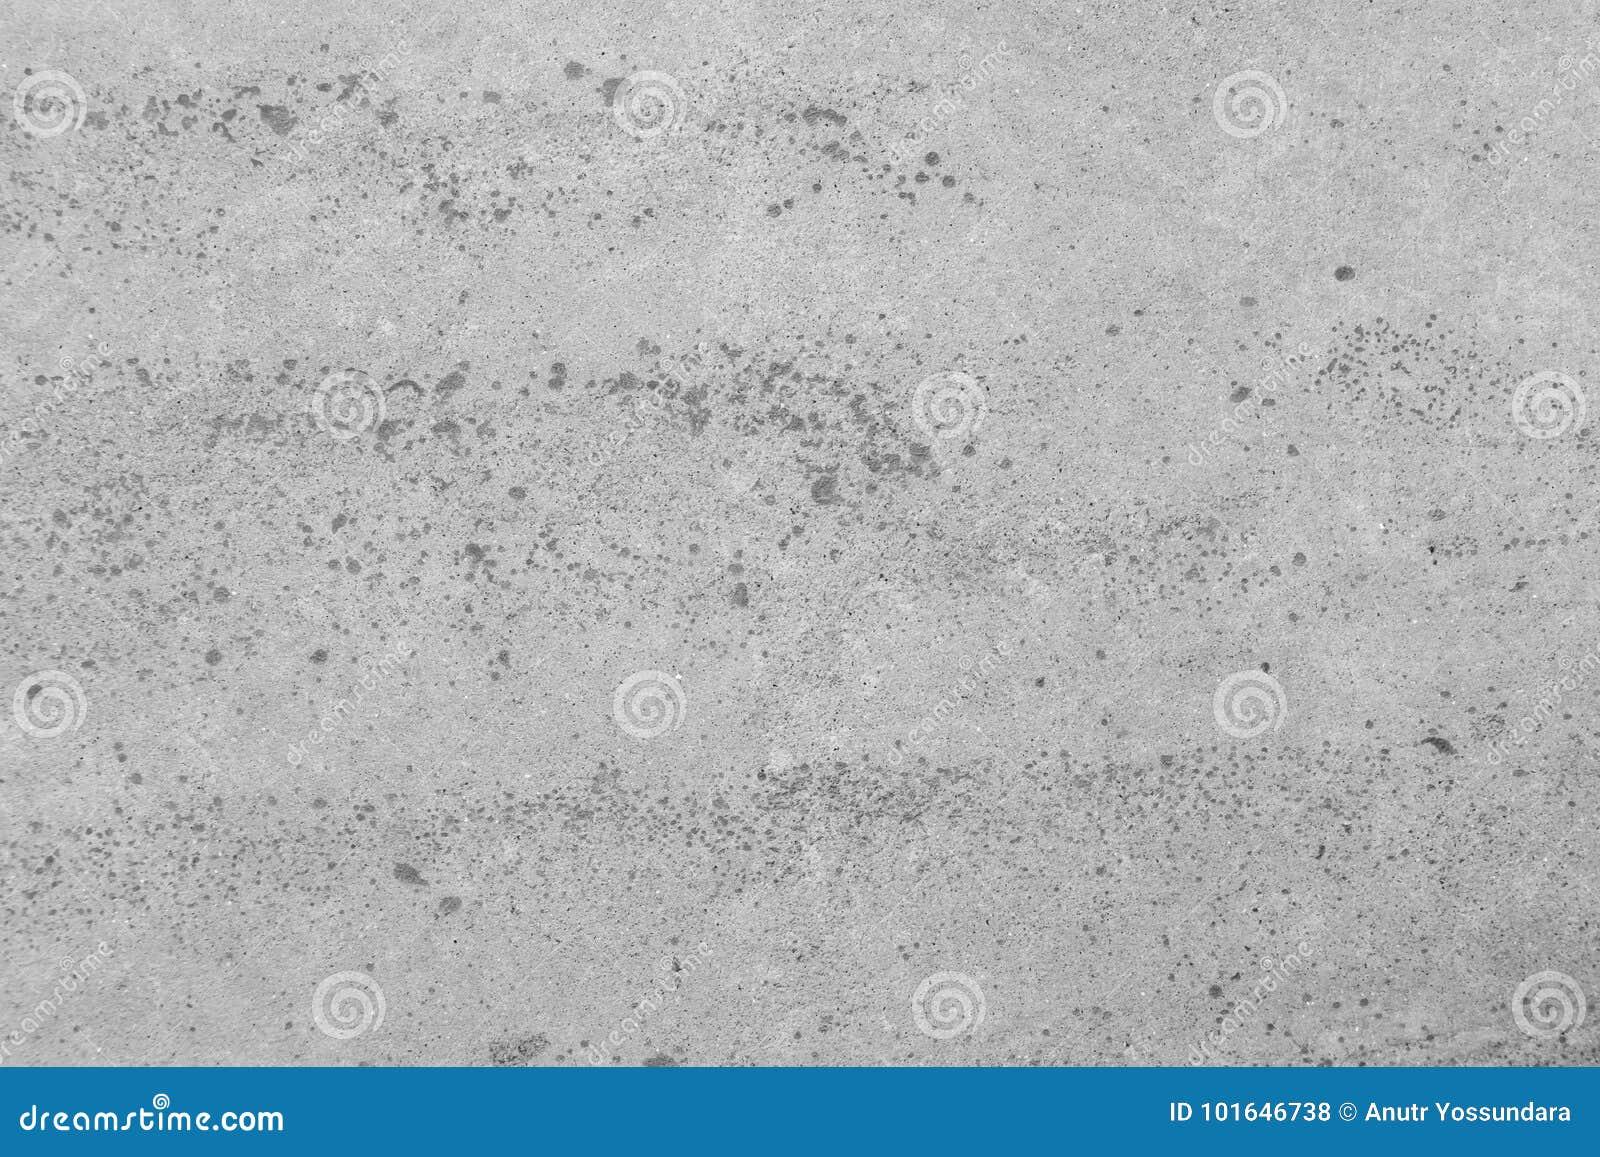 Id серый бетон алмазная шлифовальная машина по бетону купить